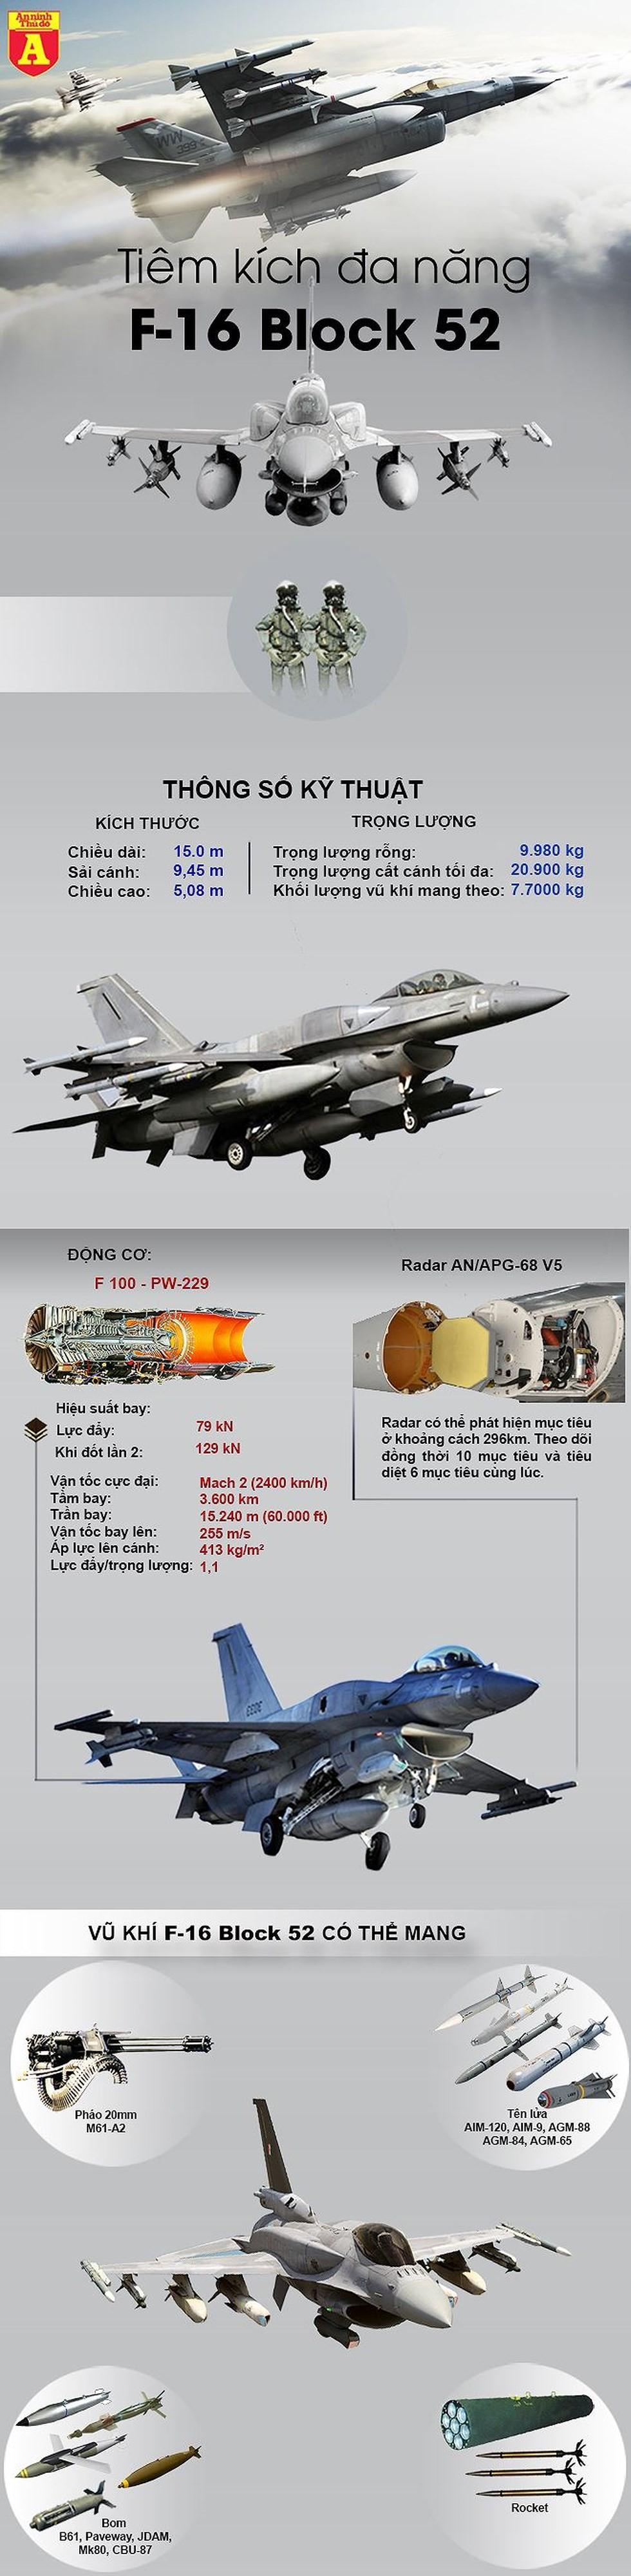 """[Info] Giật mình với """"siêu phẩm Su-57"""" của Mỹ ảnh 2"""